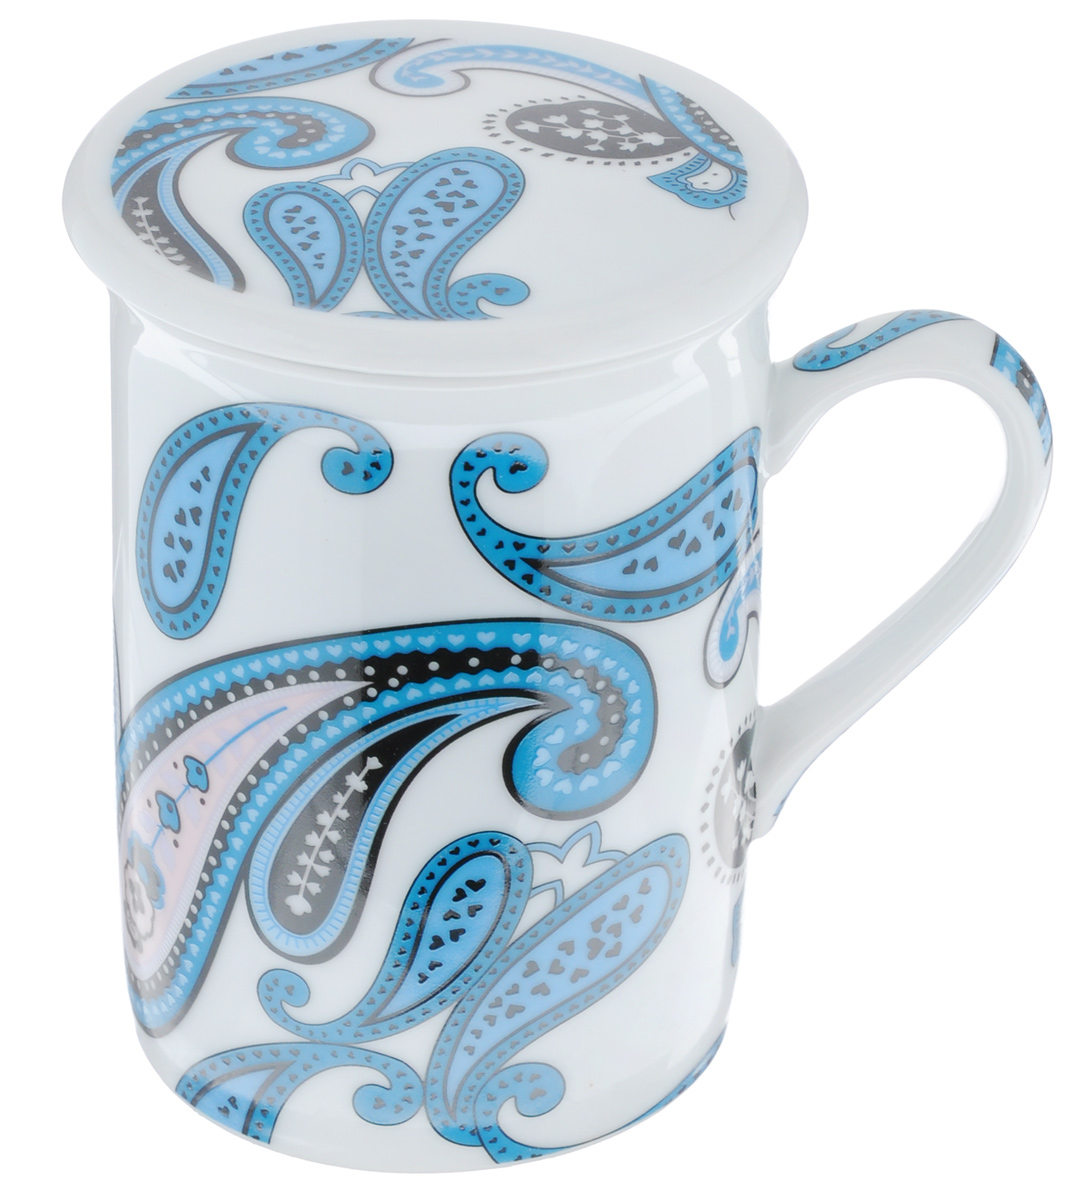 """Заварочная кружка LarangE """"Пейсли"""" изготовлена из высококачественного фарфора.Внешние стенки оформлены ярким рисунком. Изделие оснащено съемнымметаллическим фильтром и фарфоровой крышкой. Заварочная кружка поможет быстро и вкусно заварить чай на одну порцию, не используязаварочный чайник.  Такой набор станет хорошим подарком, а также придаст кухонному интерьеруособый колорит.Объем кружки: 330 мл. Диаметр кружки (по верхнему краю): 7,5 см.Высота стенки кружки: 10 см.Глубина ситечка: 5 см.Не рекомендуется применять абразивные моющие средства."""